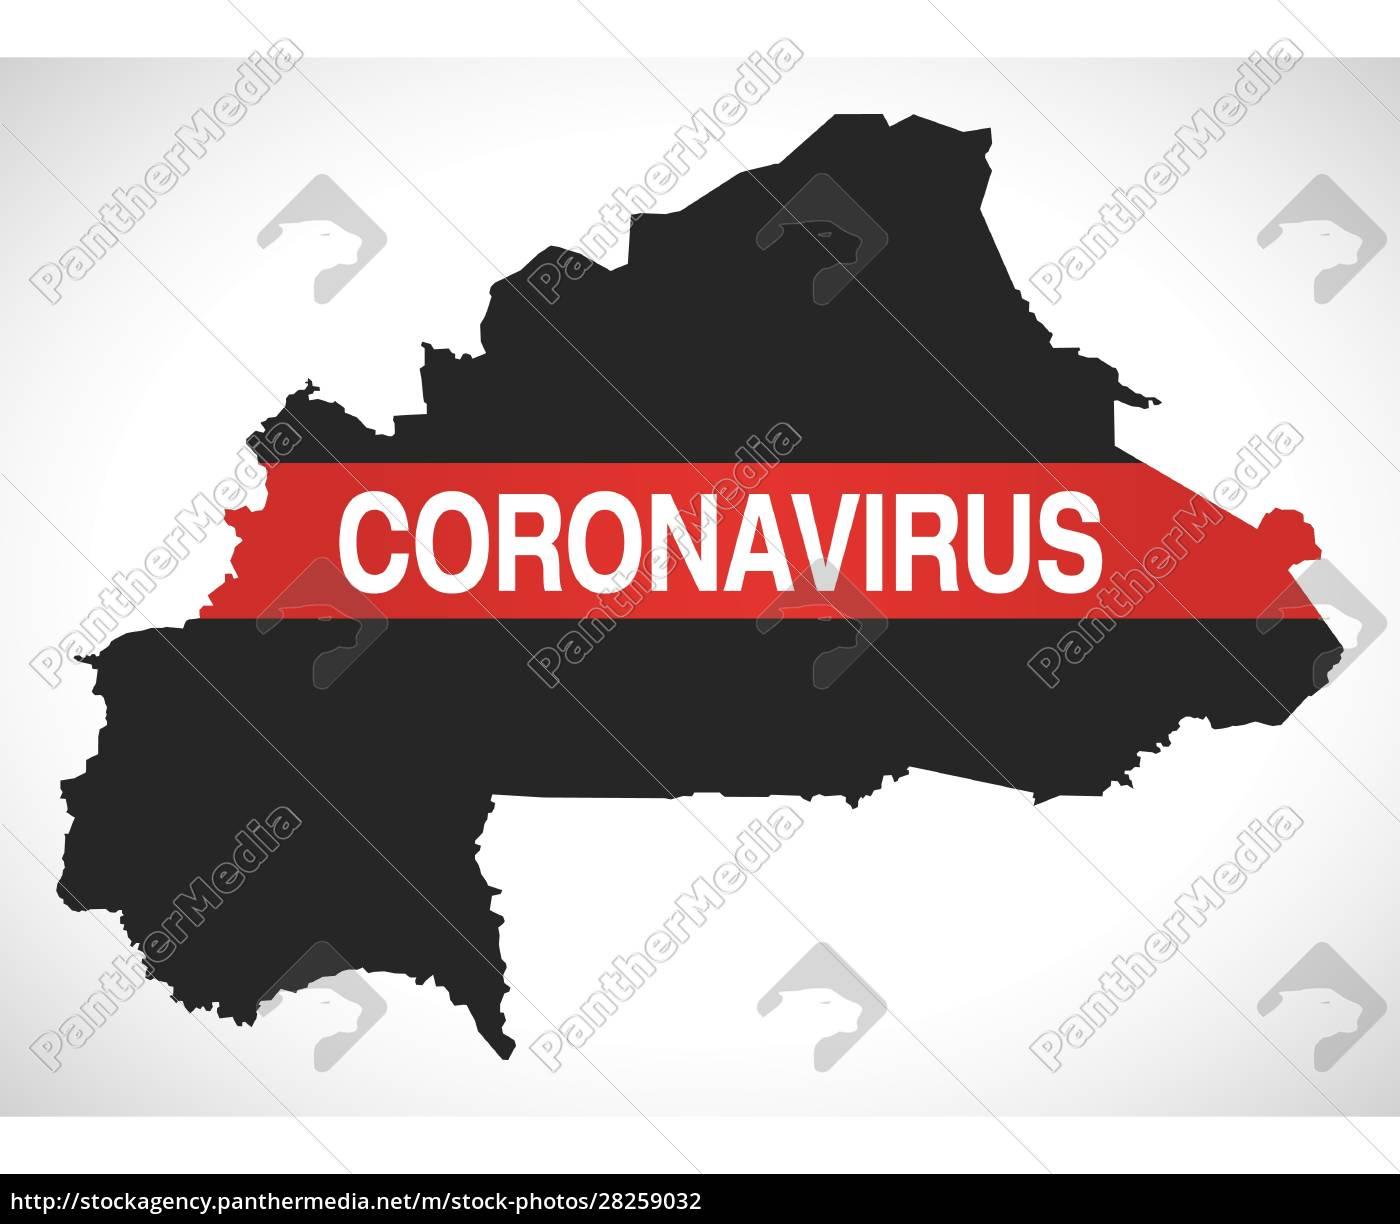 burkina, faso, map, with, coronavirus, warning - 28259032